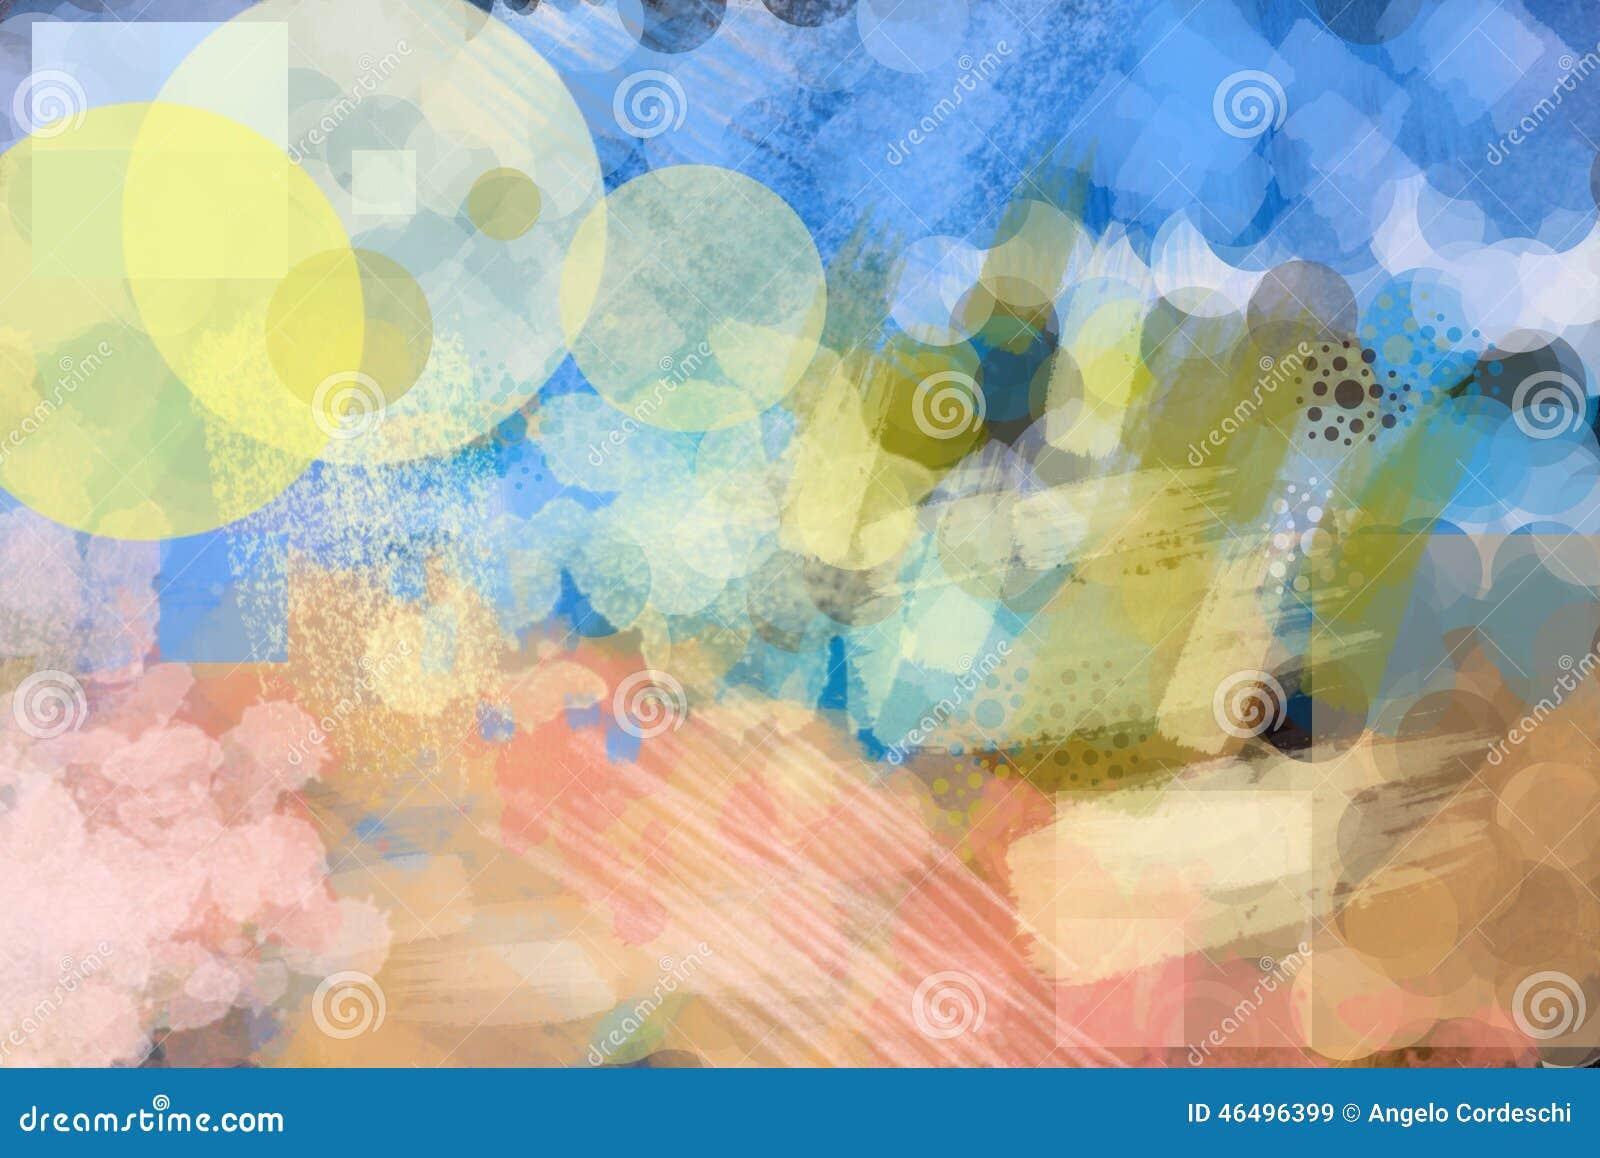 La peinture colorée de brosse de fond abstrait arrondit, raye